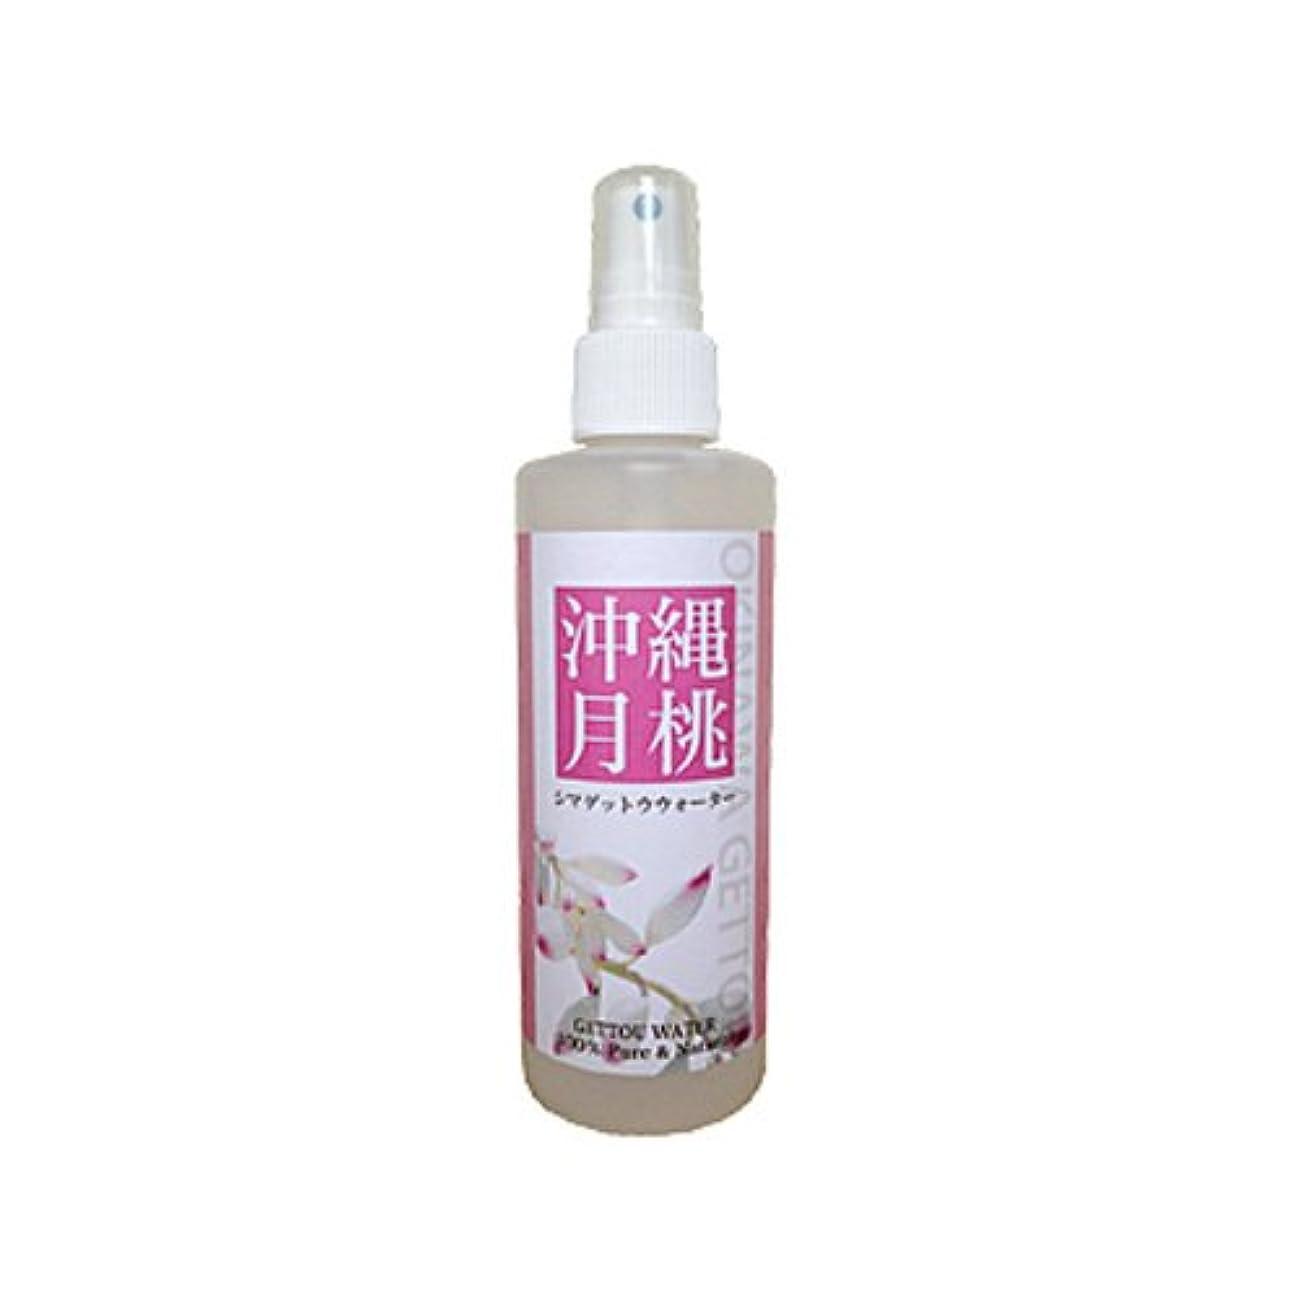 さまようトロイの木馬チャーム月桃蒸留水 フローラルウォーター シマ月桃葉100%使用 200ml